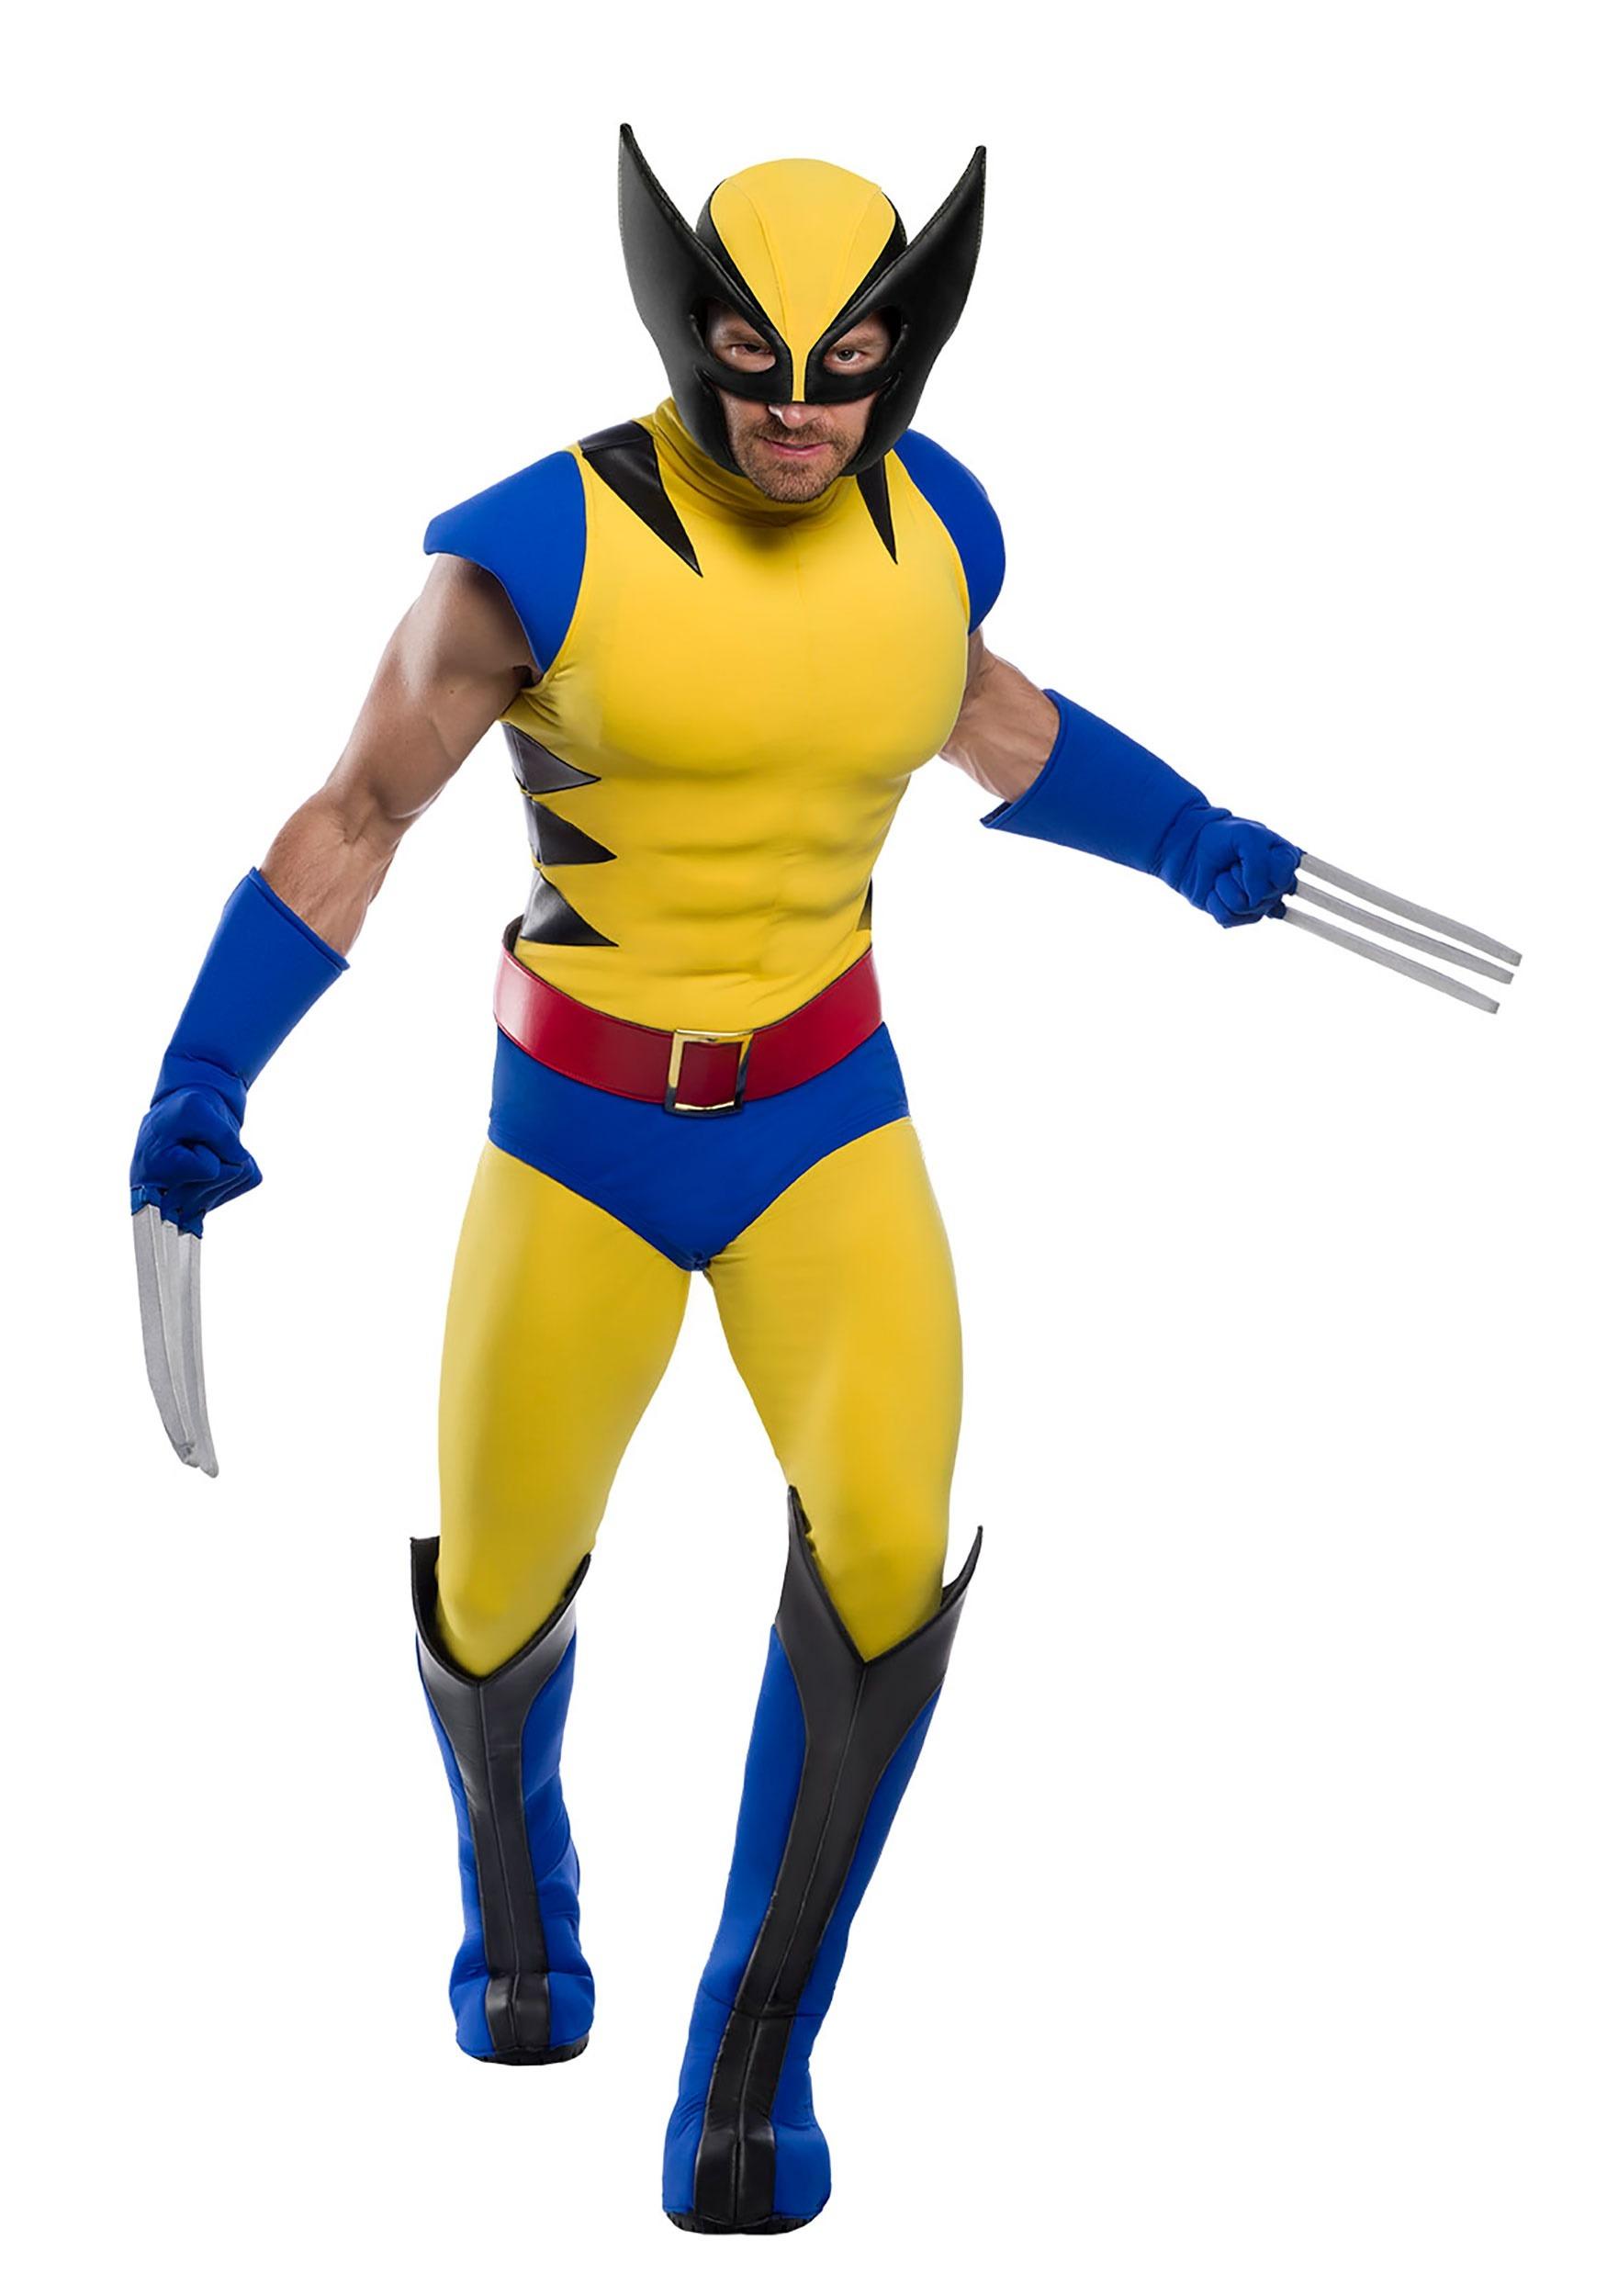 Premium Marvel Adult Wolverine Costume | Wolverine Marvel Costume